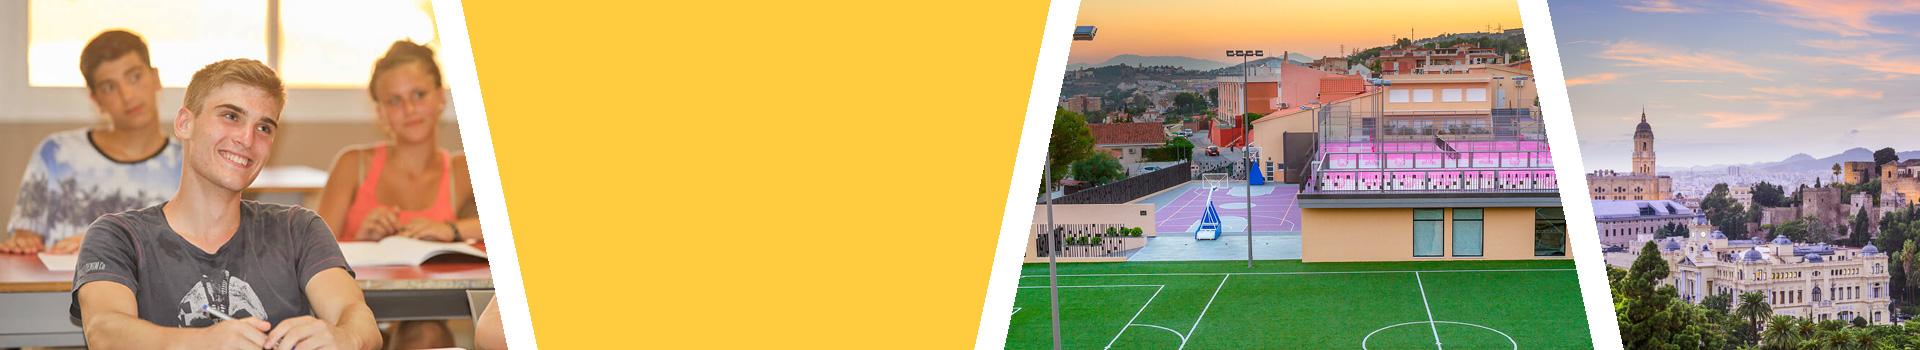 Sprachreisen für Schüler nach Malaga in Spanien - Slider